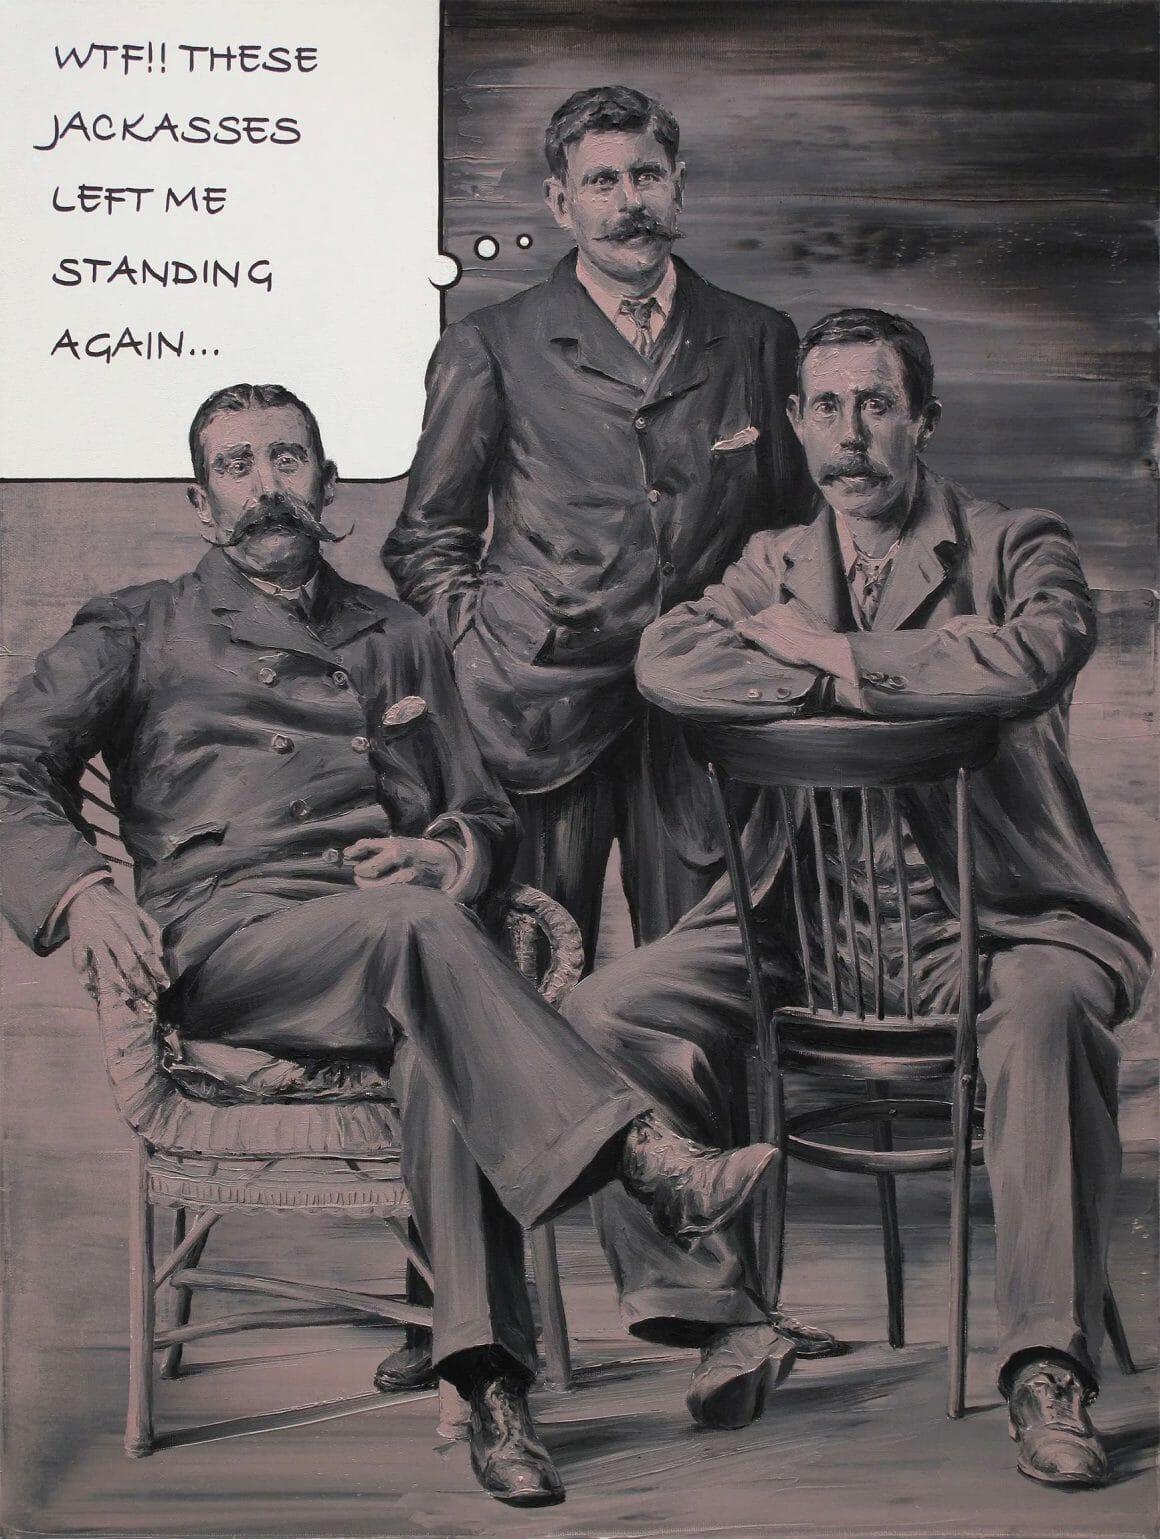 """Portrait de trois hommes. Deux sont assis, et le troisième, debout, semble dire """"WTF!! These jackasses left me standing again..."""""""